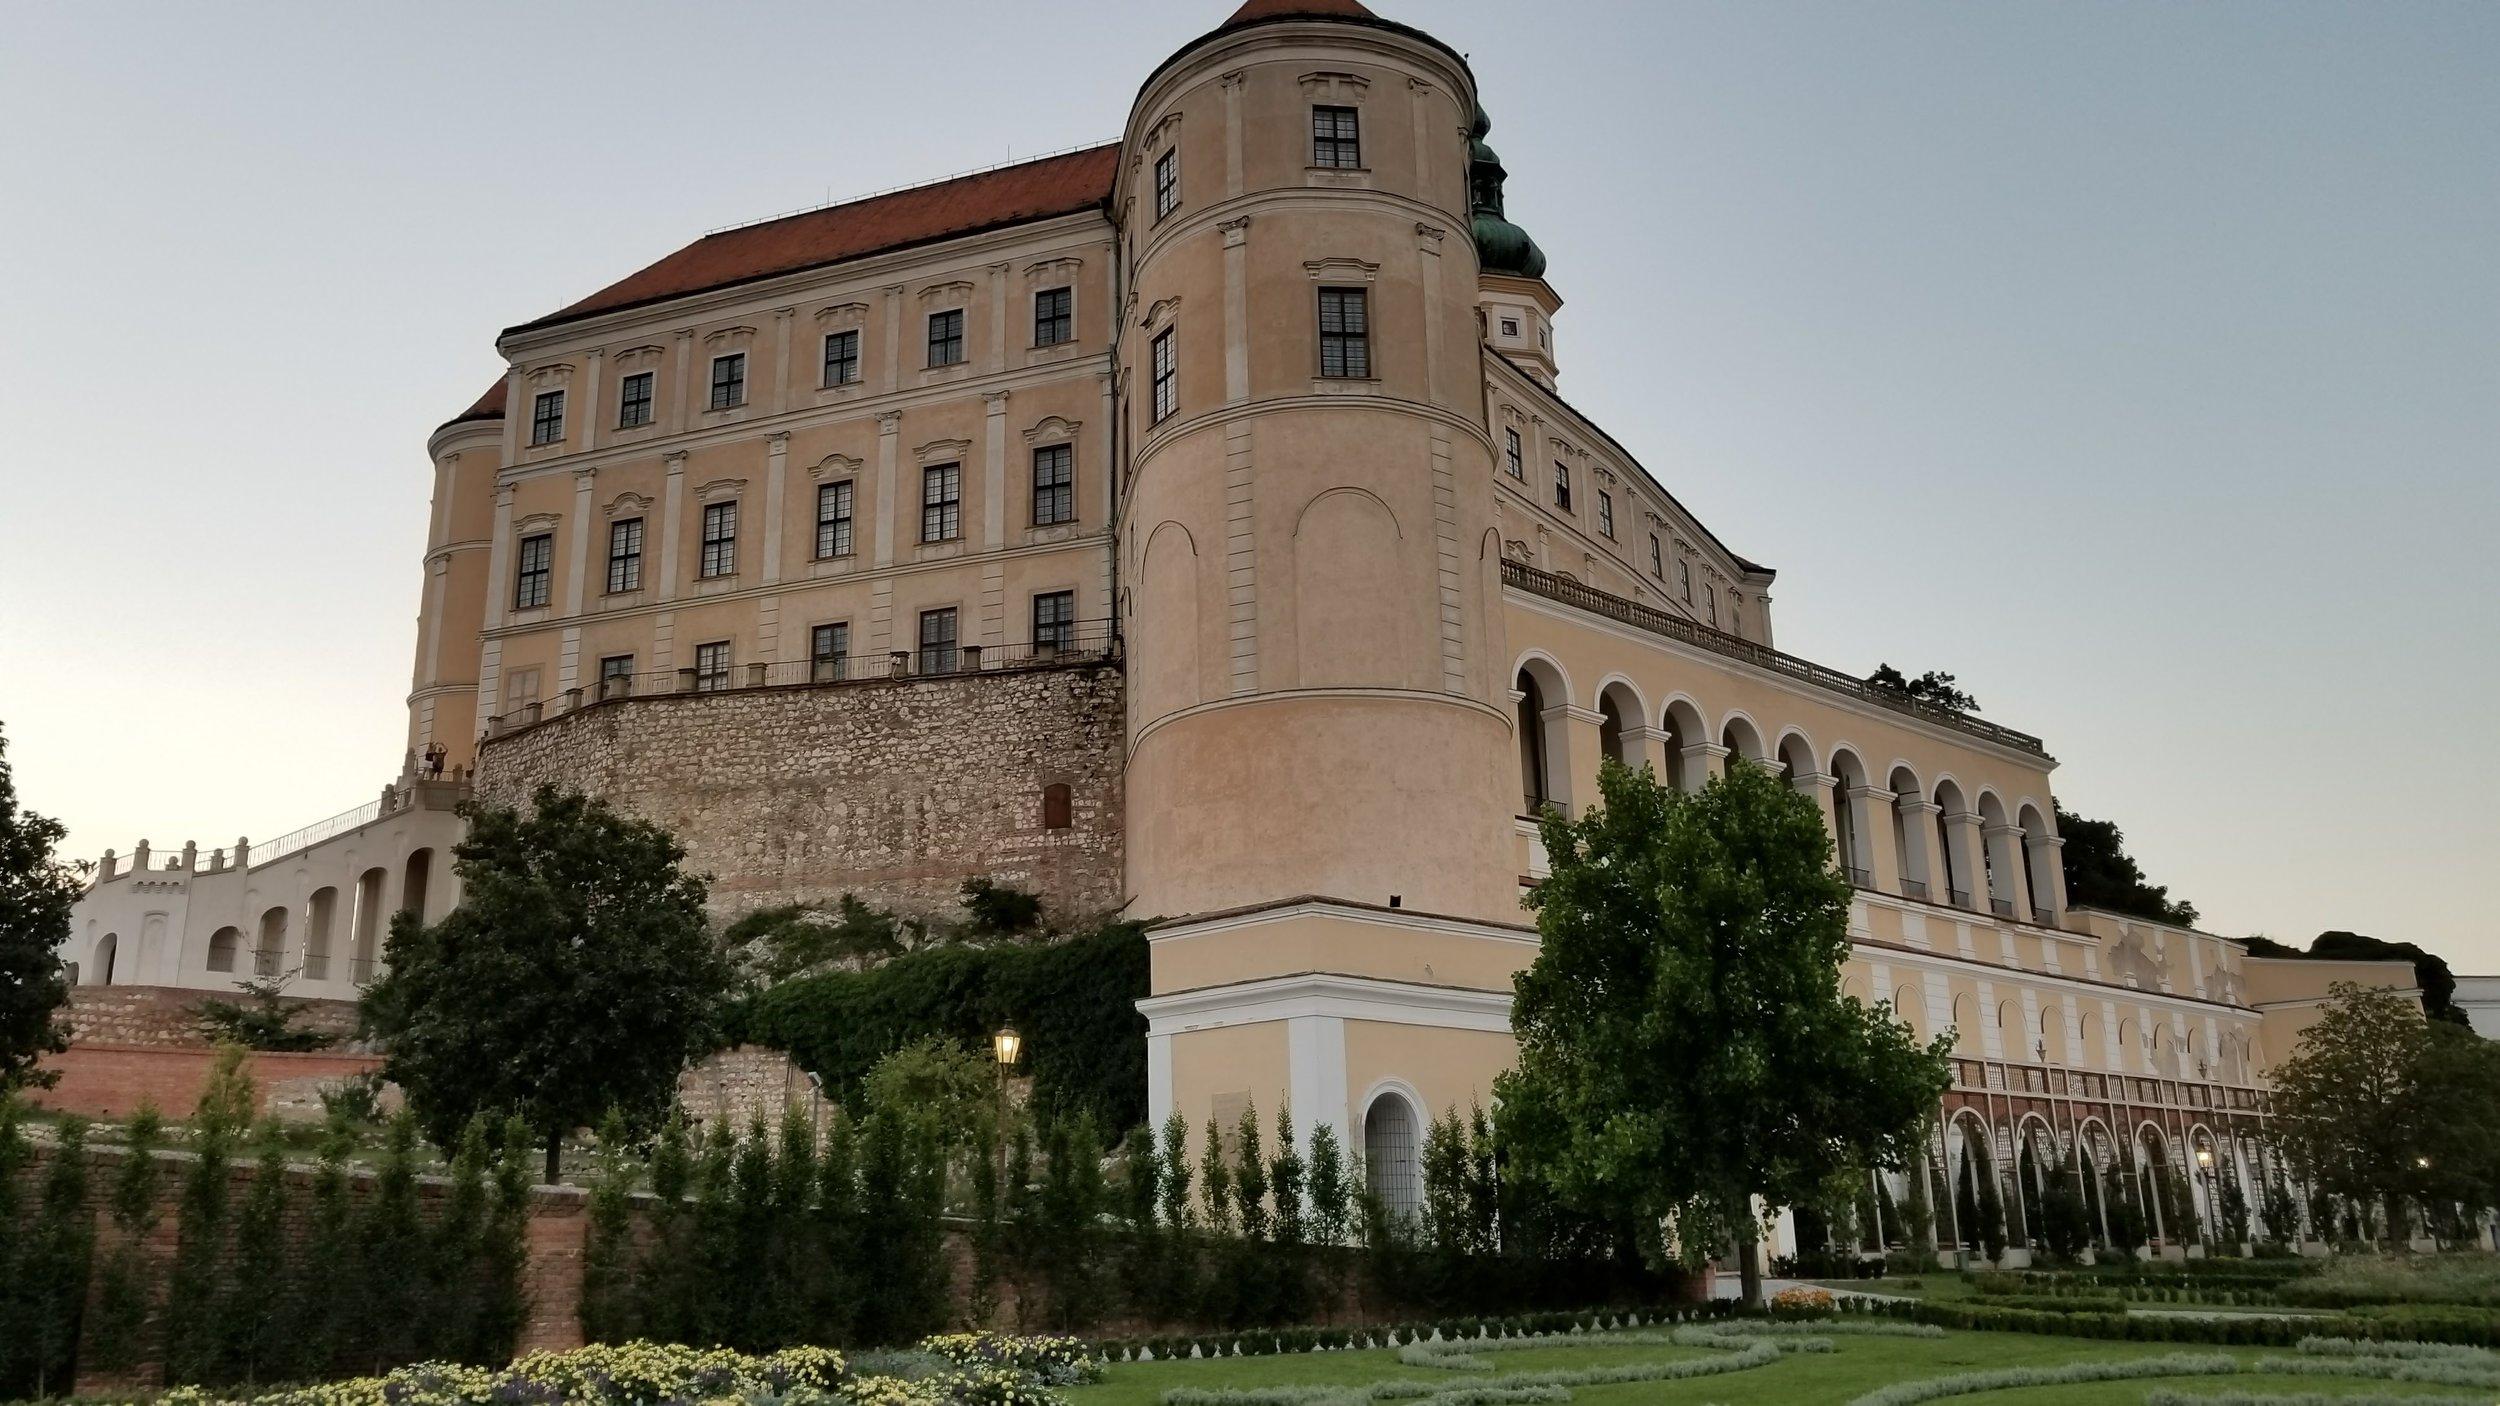 The Mikulov Castle